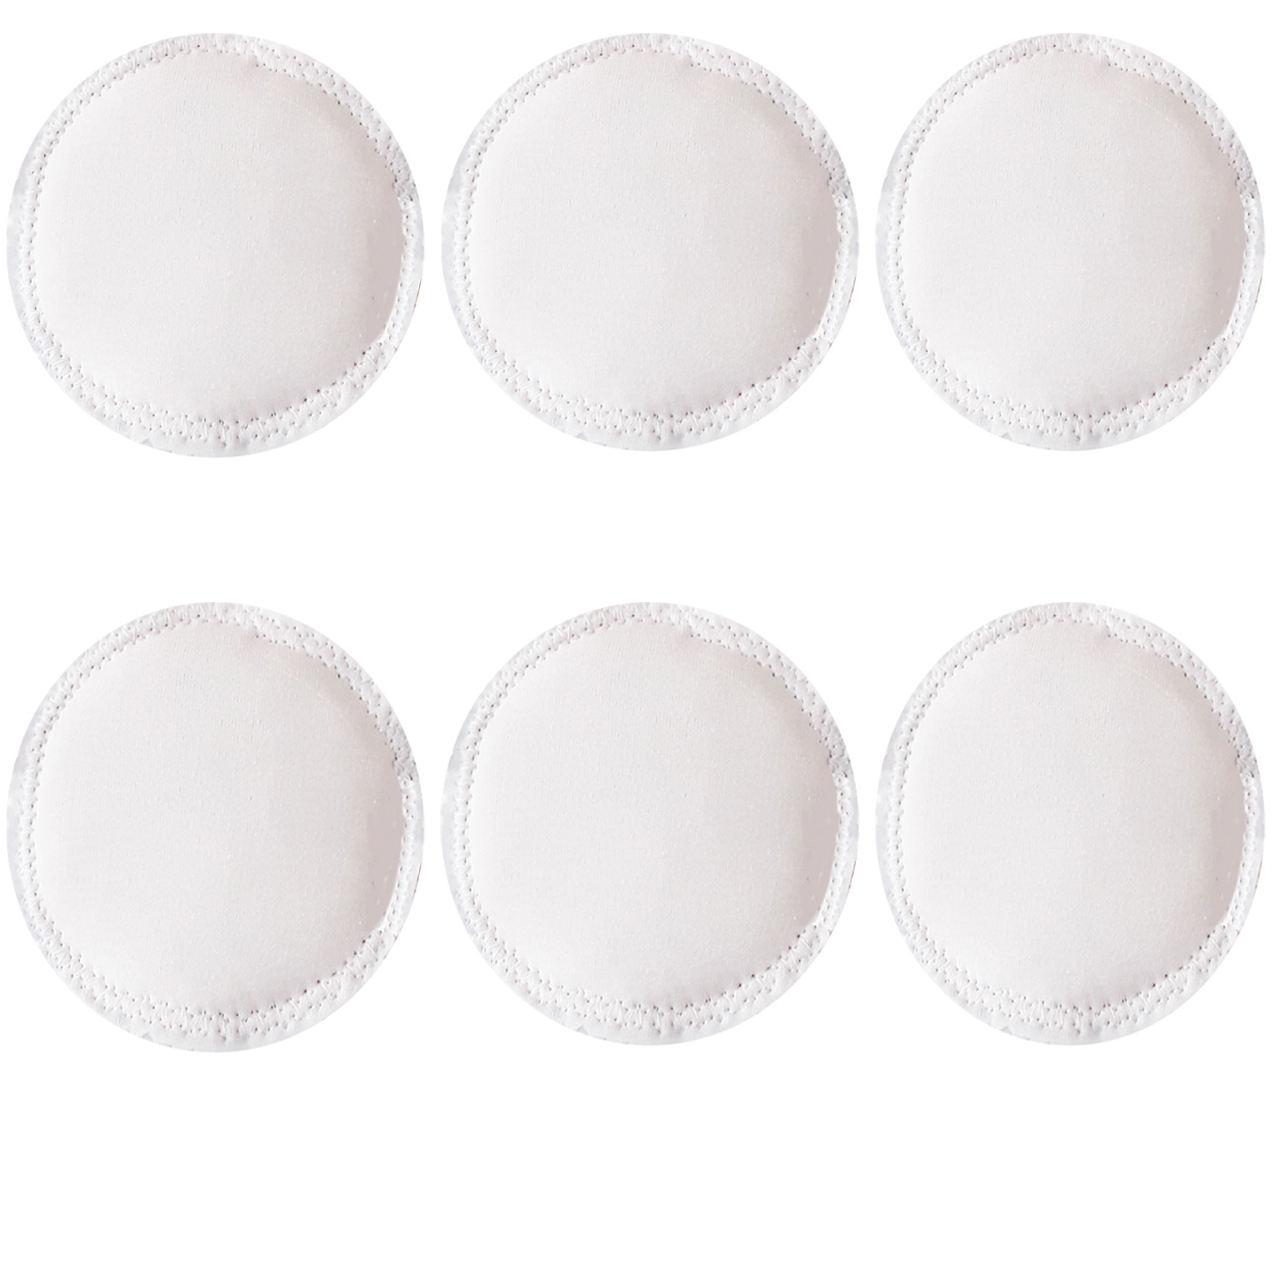 پد پاک کننده آرایش صورت مدل sensitive بسته ۶ عددی